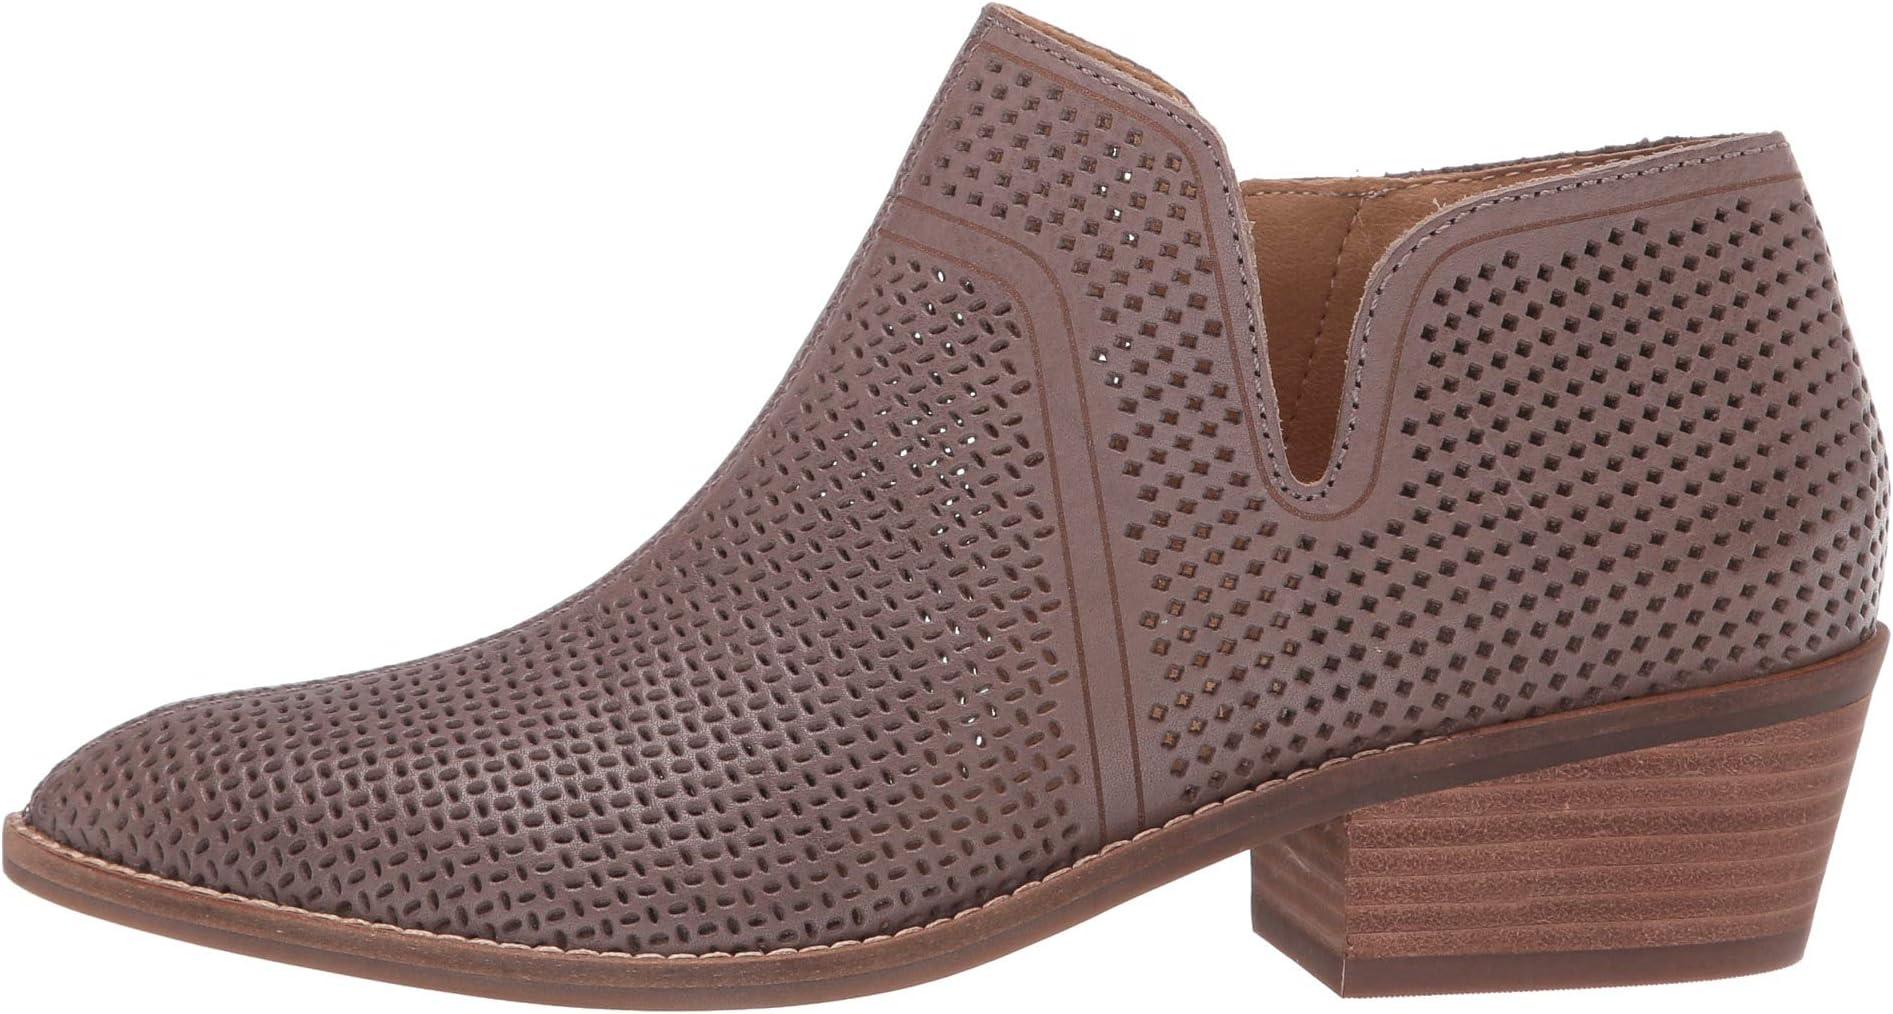 Lucky Brand Feyan | Women's shoes | 2020 Newest